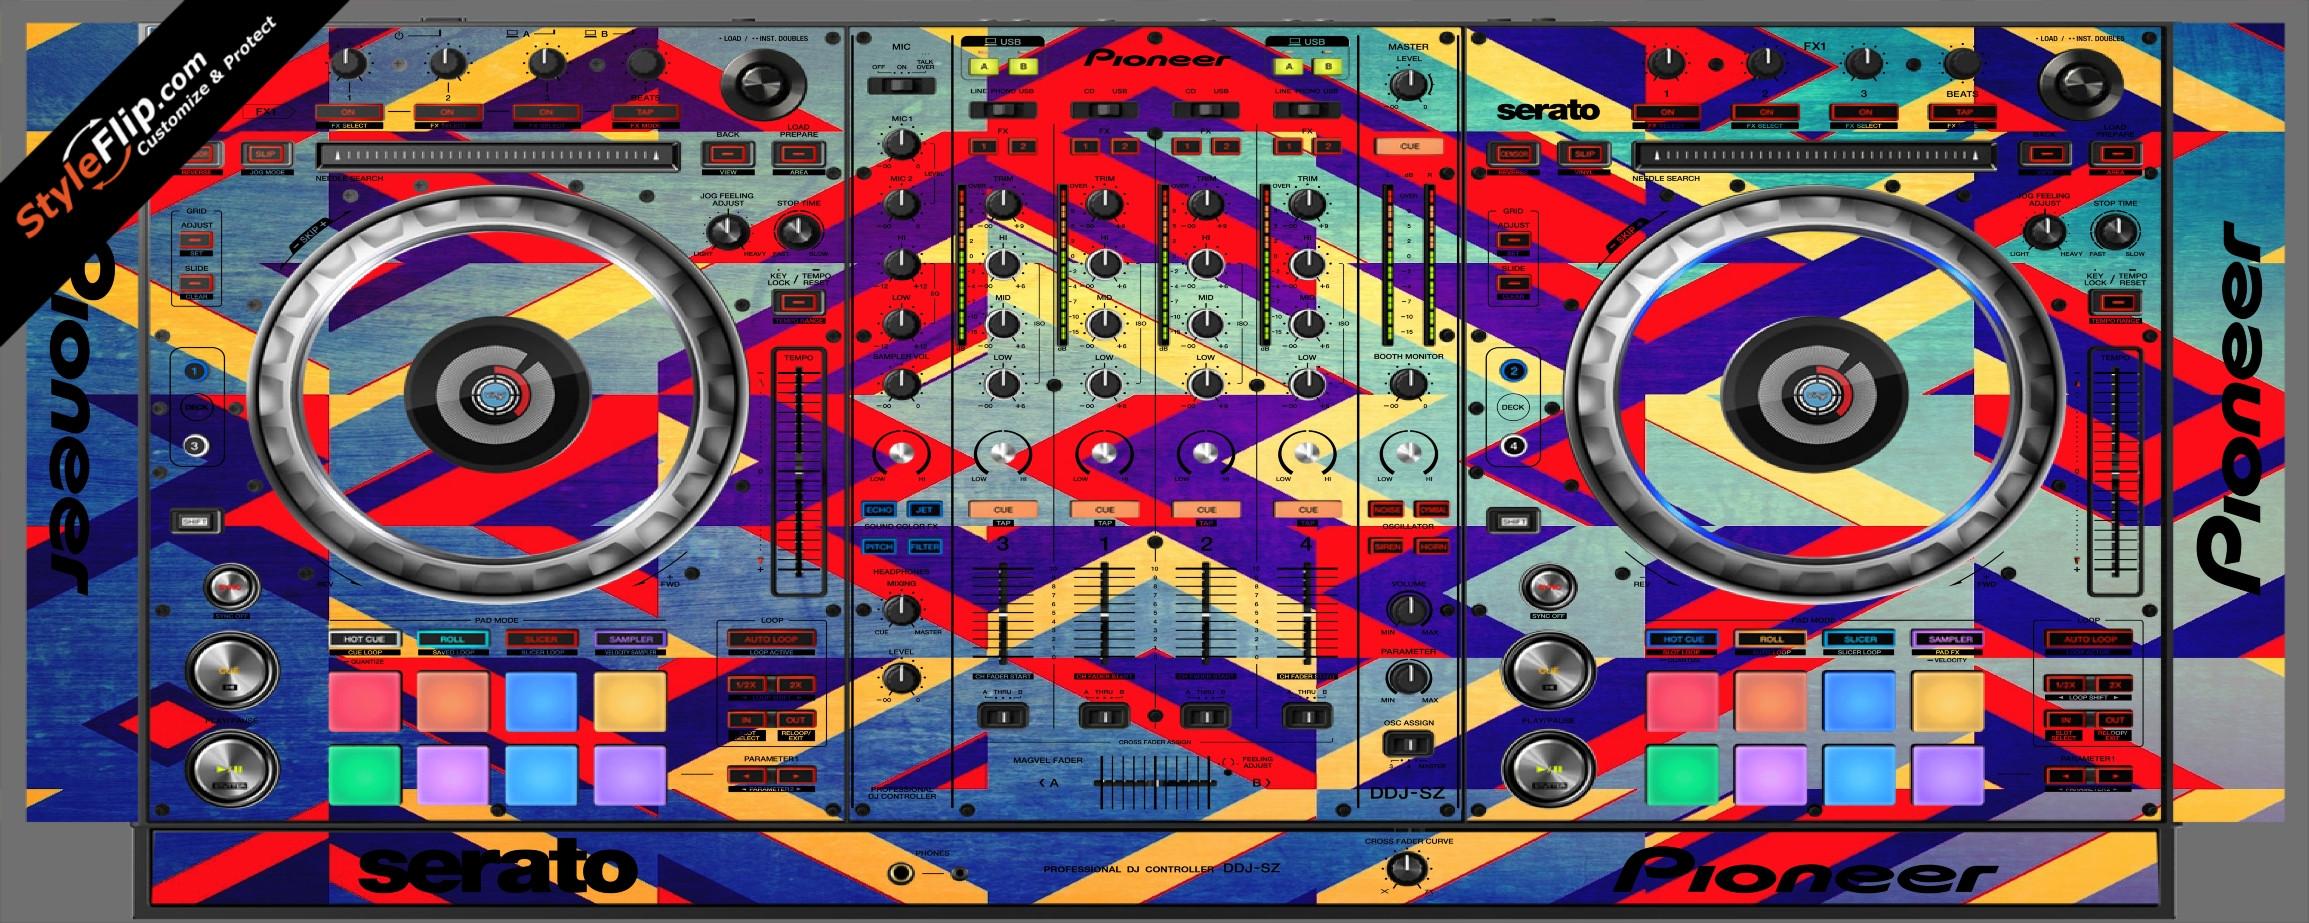 Jigsaw Pioneer DDJ-SZ